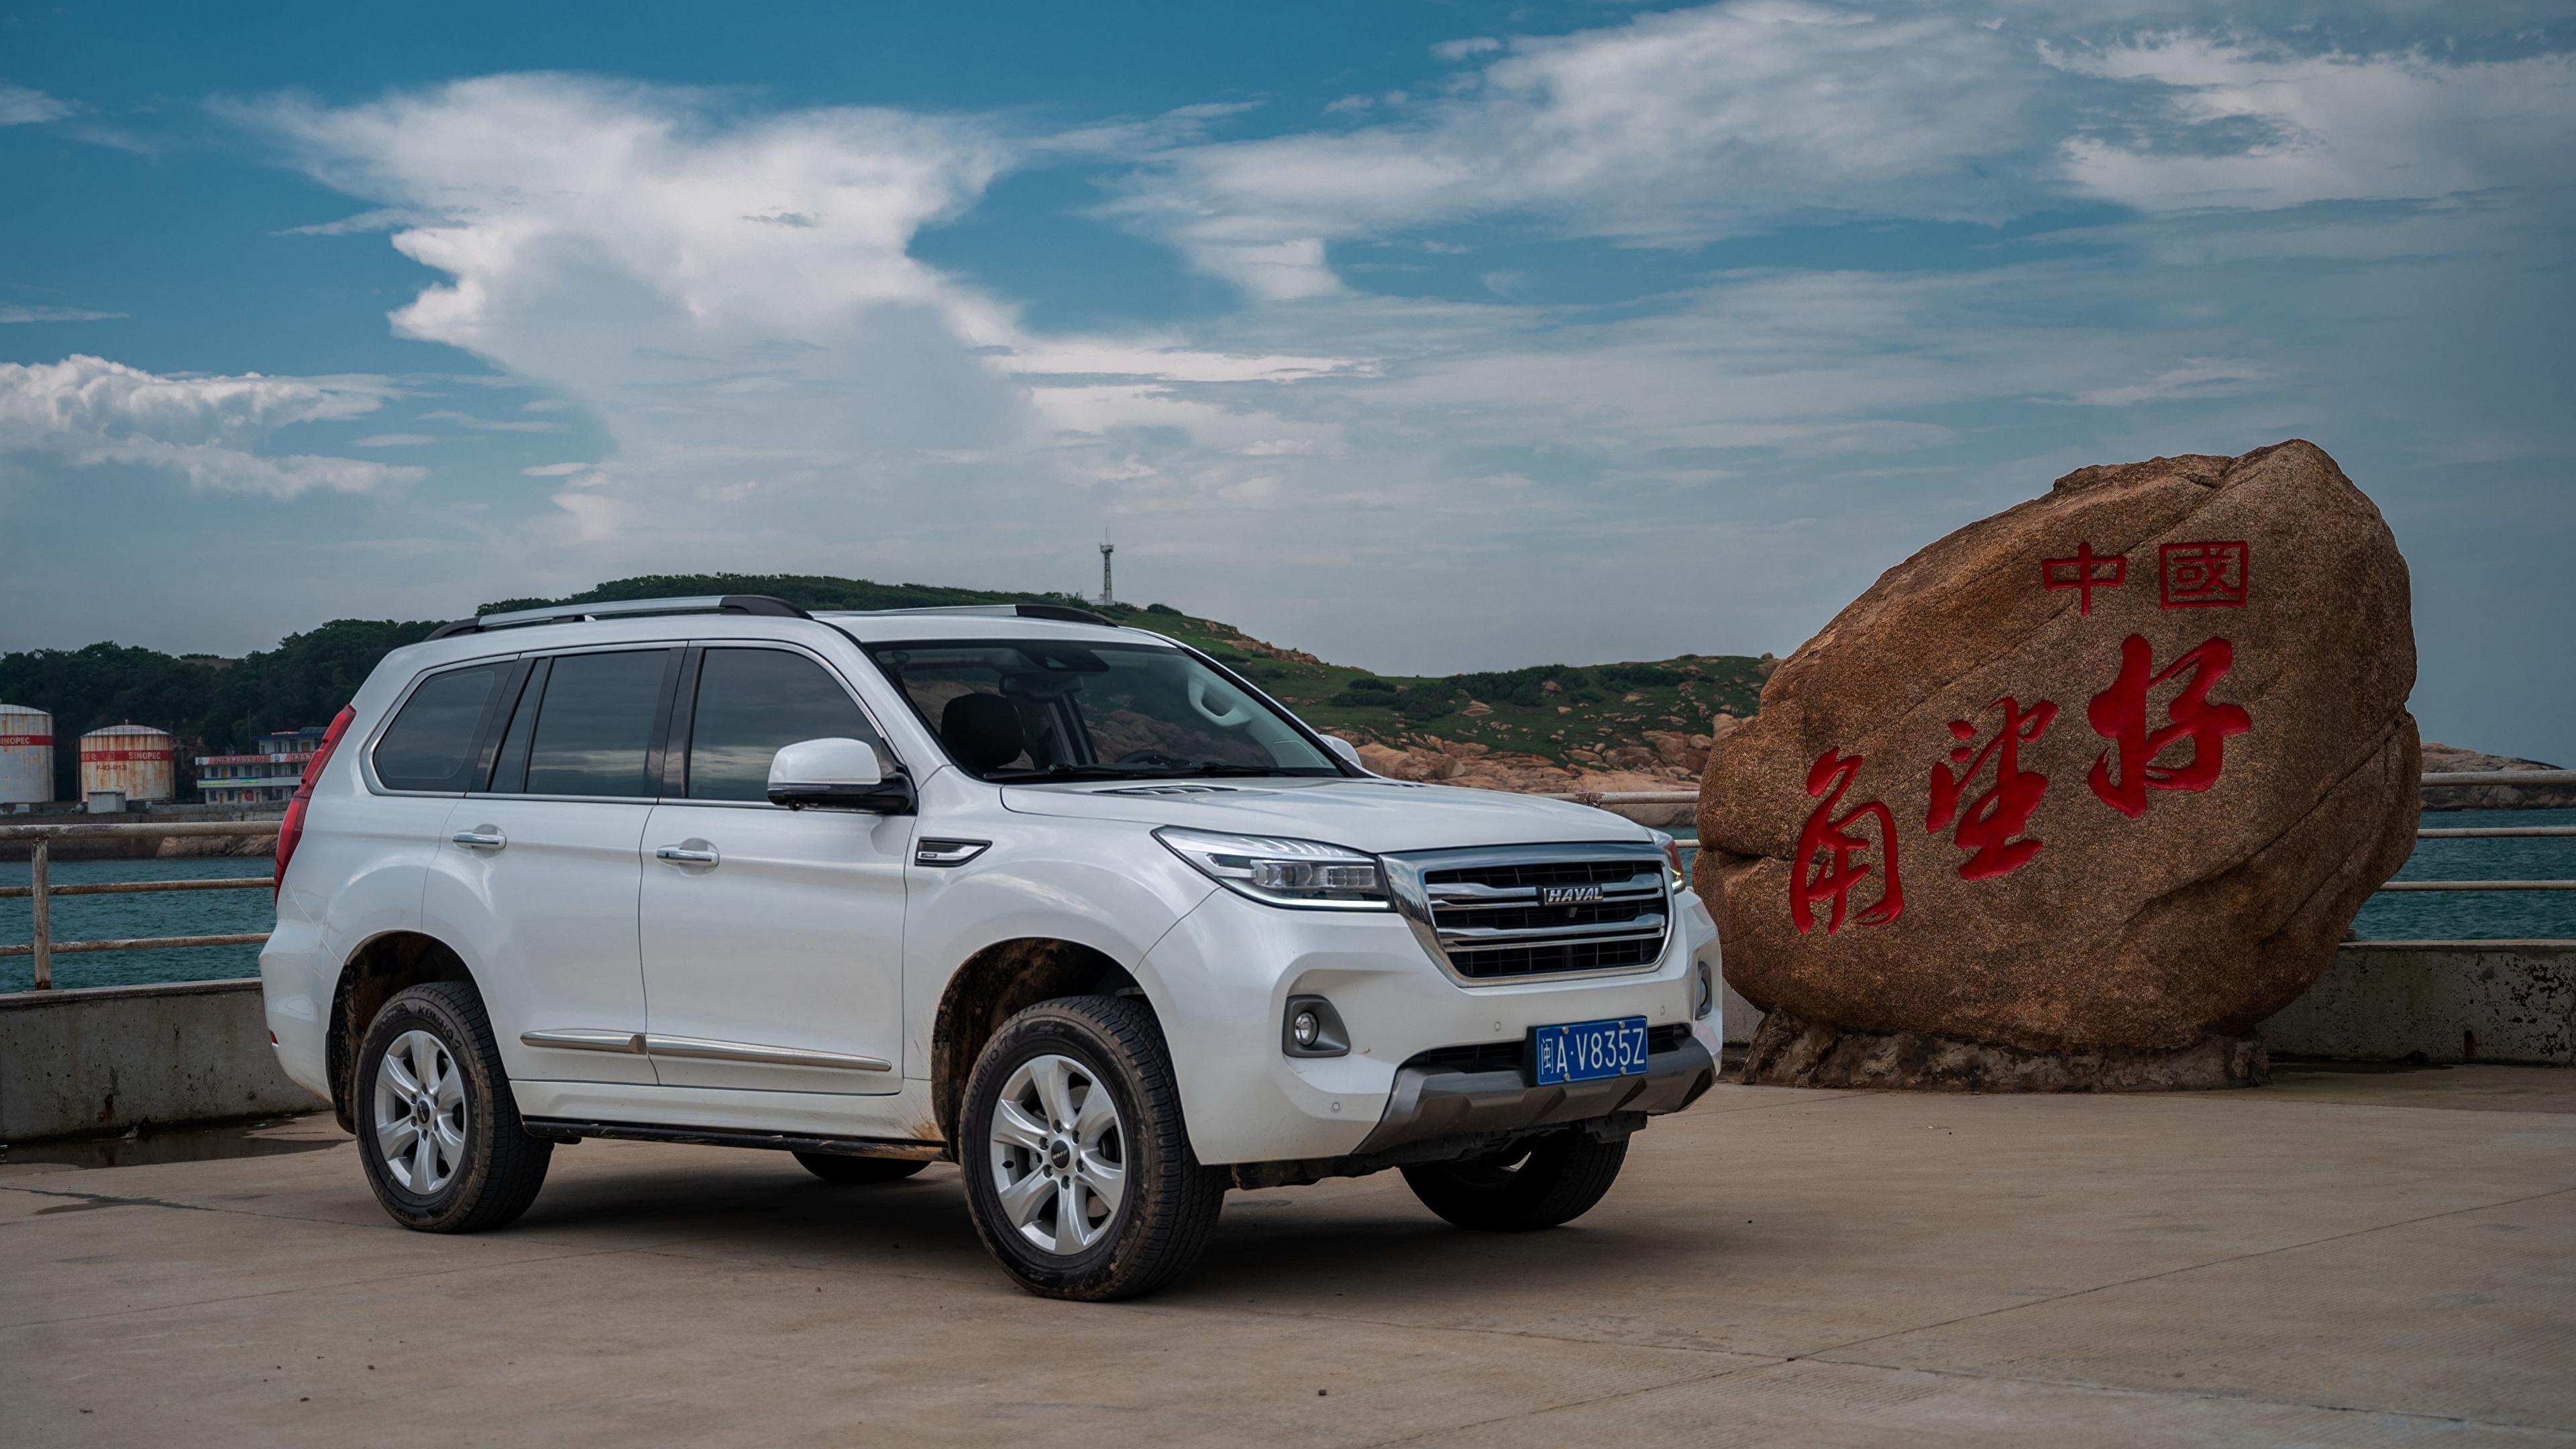 Картинки Haval китайский CUV H9, 2019 Белый Металлик автомобиль 3840x2160 Китайские китайская Кроссовер белая белые белых авто машины машина Автомобили